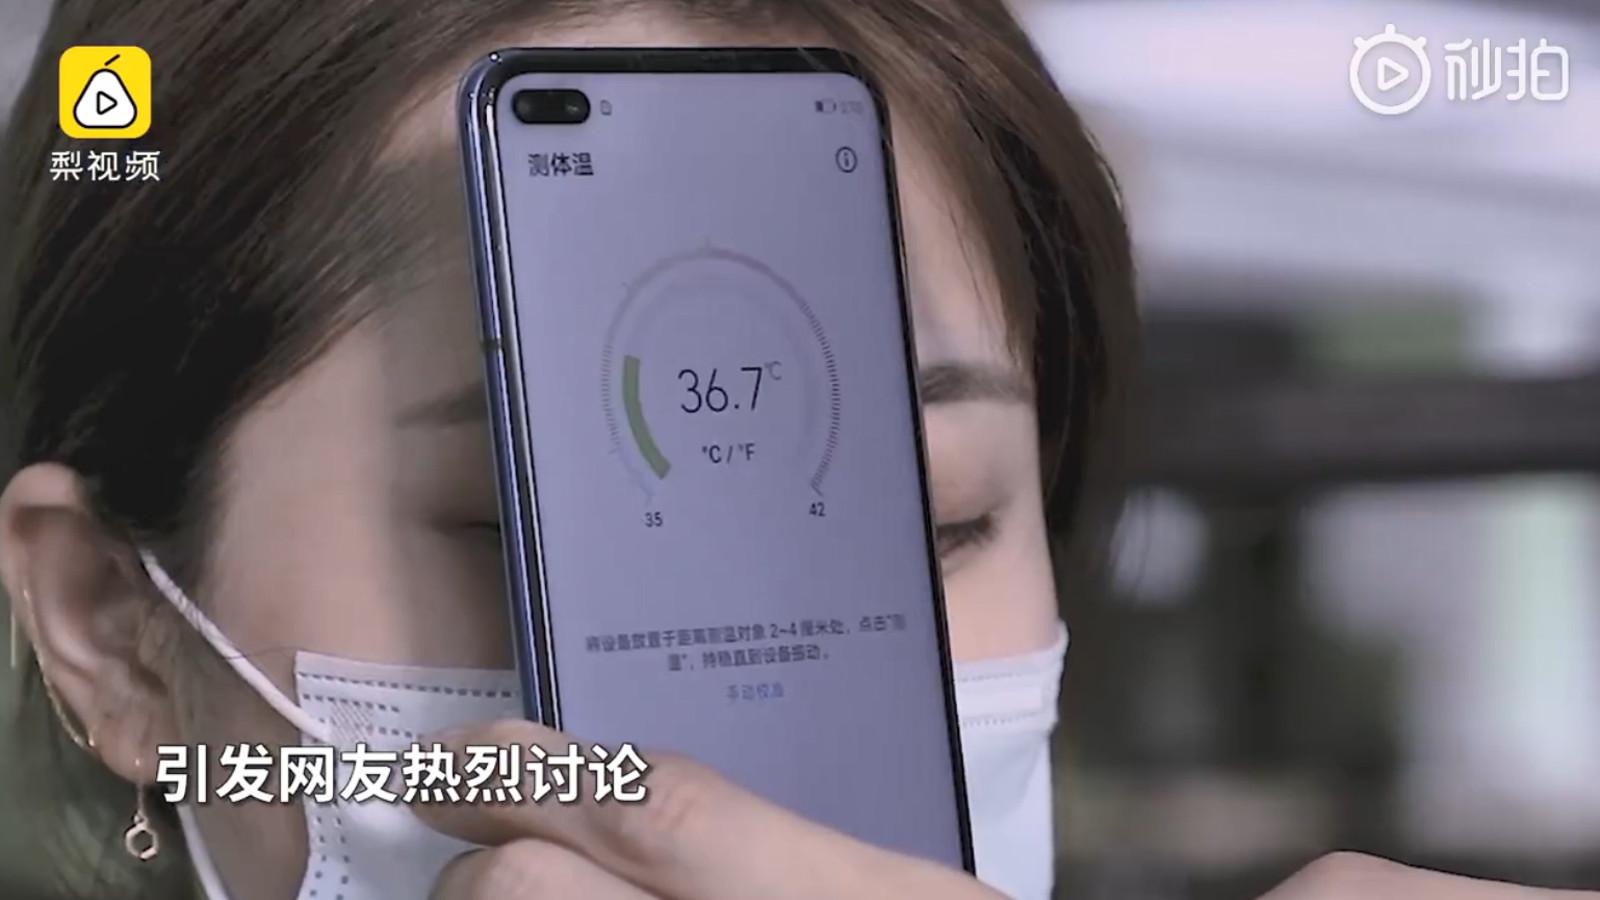 [Ci ha pensato Huawei] Ecco lo smartphone che ti misura la febbre